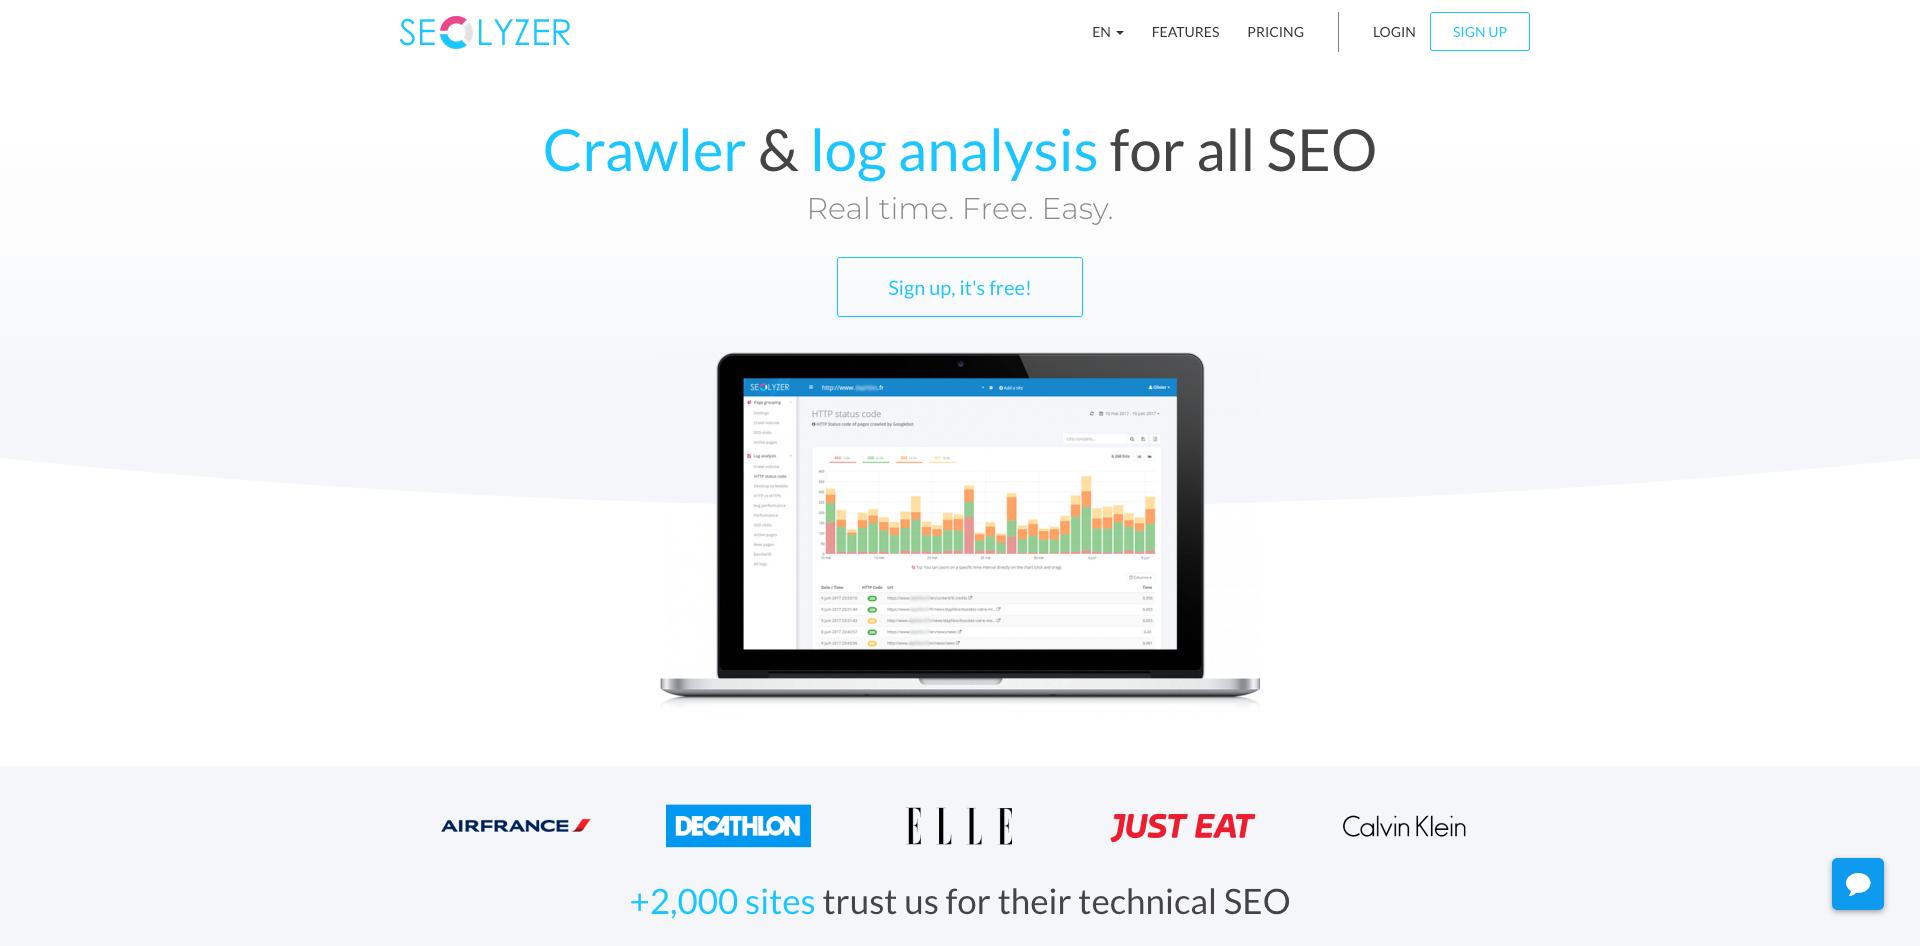 Crawler & log analysis for all SEO